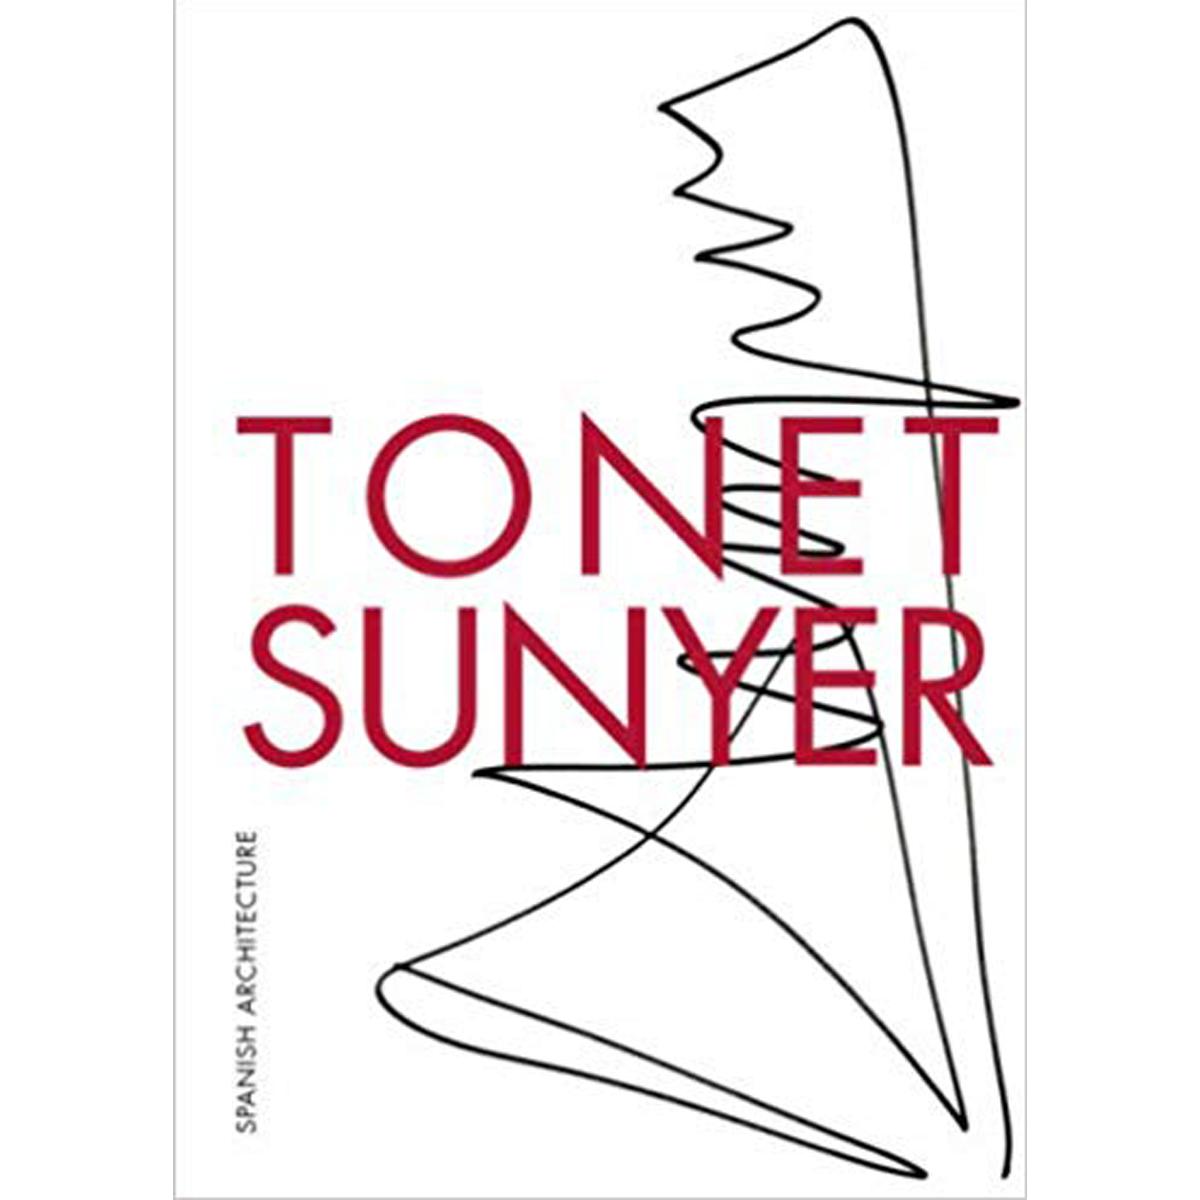 Tonet Sunyer